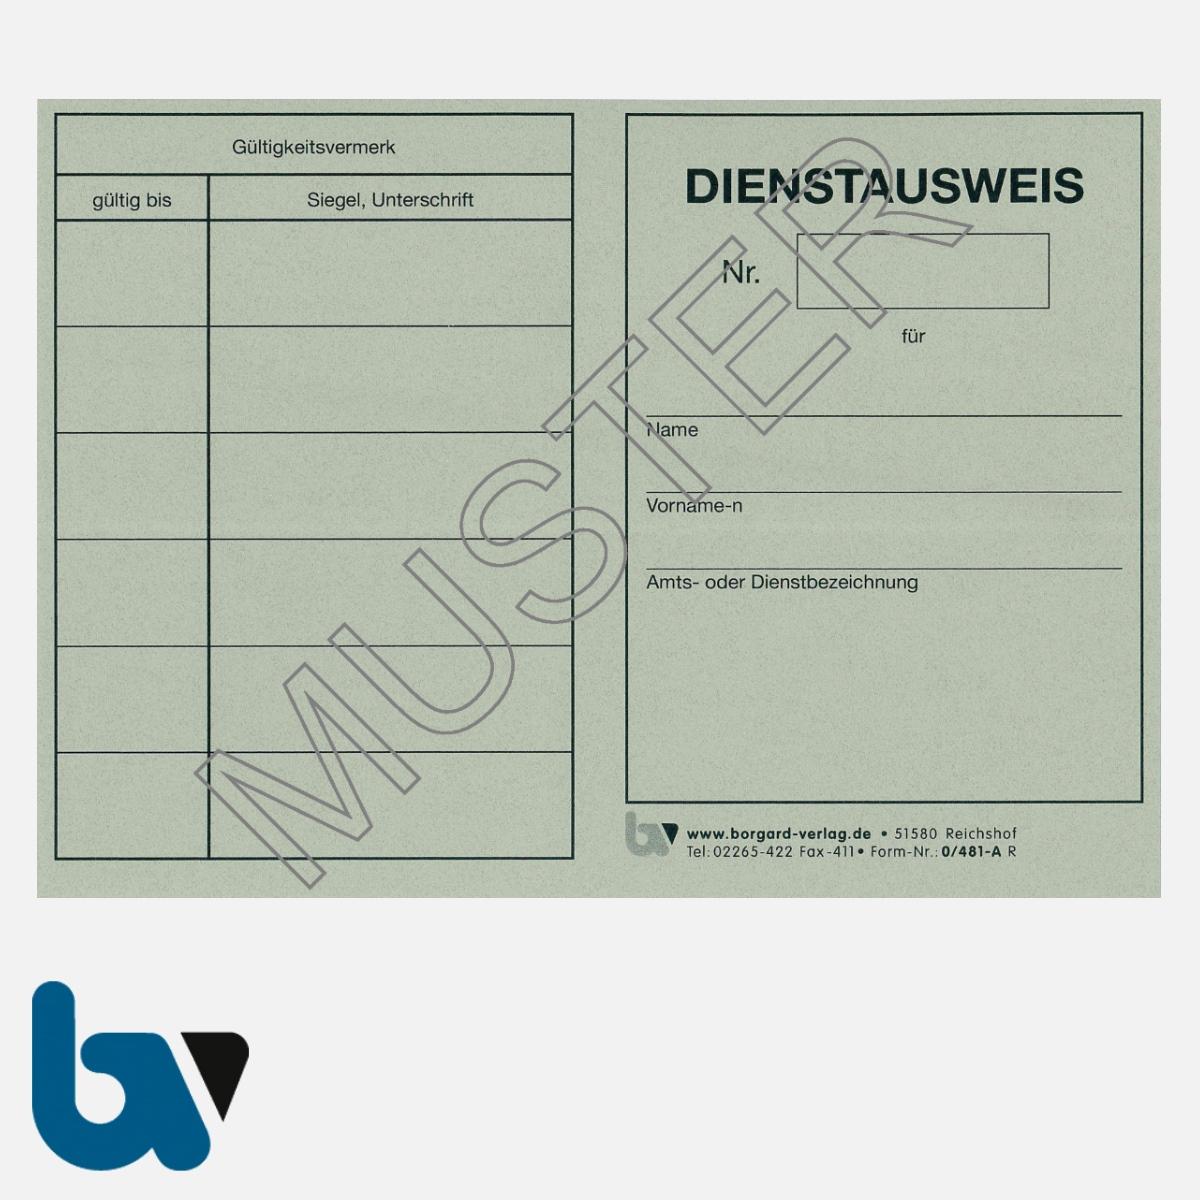 0/481-A Dienstausweis Allgemein neutral grau Strafgesetzbuch StGB Ordnungswidrigkeit Neobond DIN A6-A7 VS | Borgard Verlag GmbH